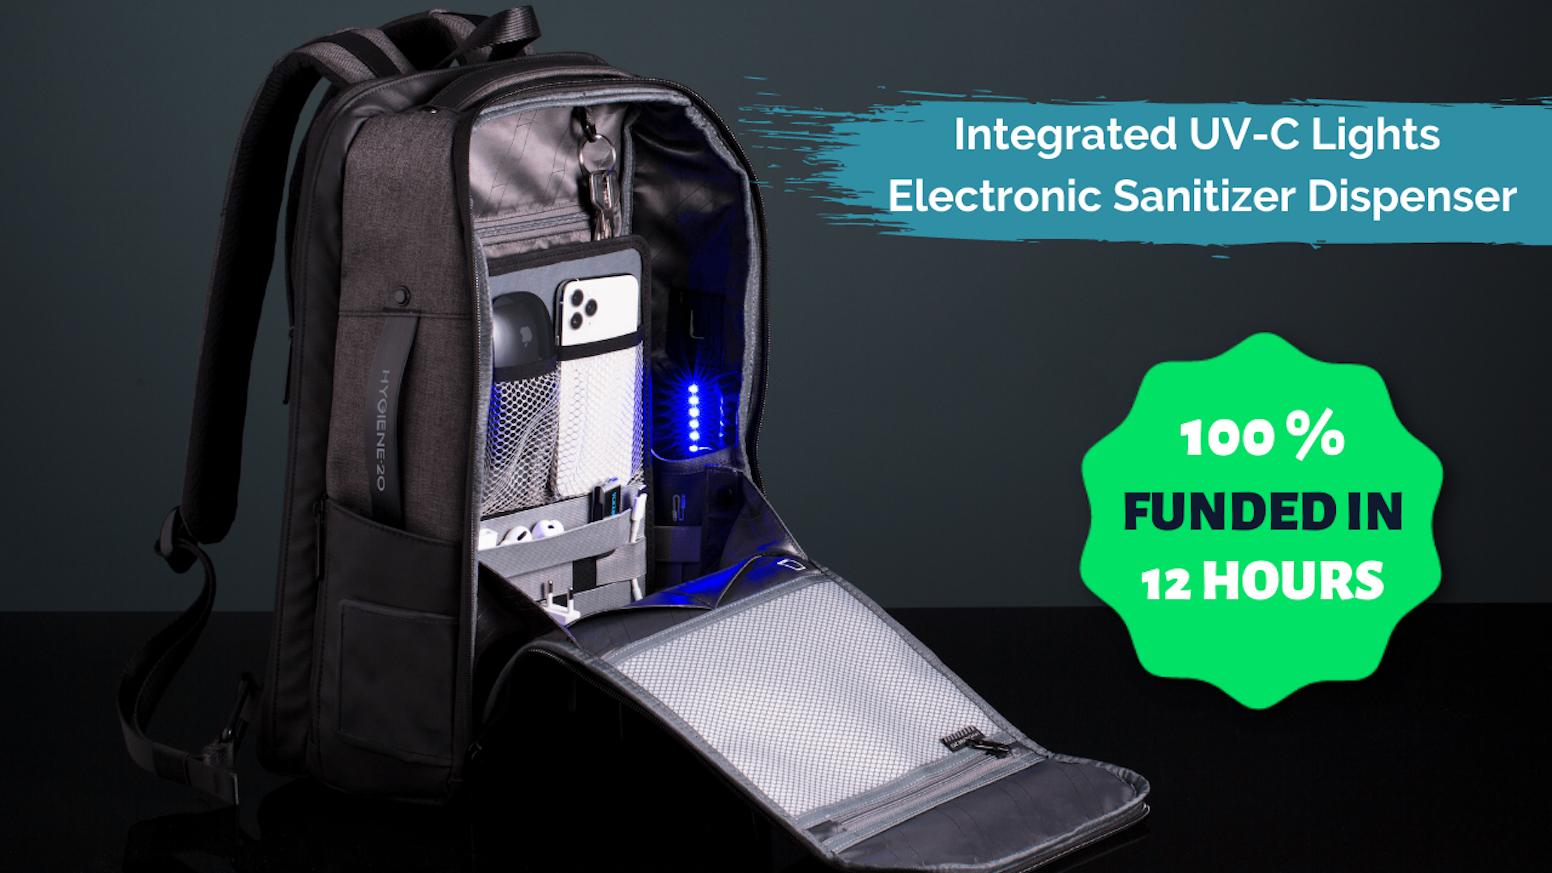 Hand Sanitizer E-Dispenser | UV-C Sanitizing Light | Fast Access Wipe/Gloves Pocket | Hygiene Hand